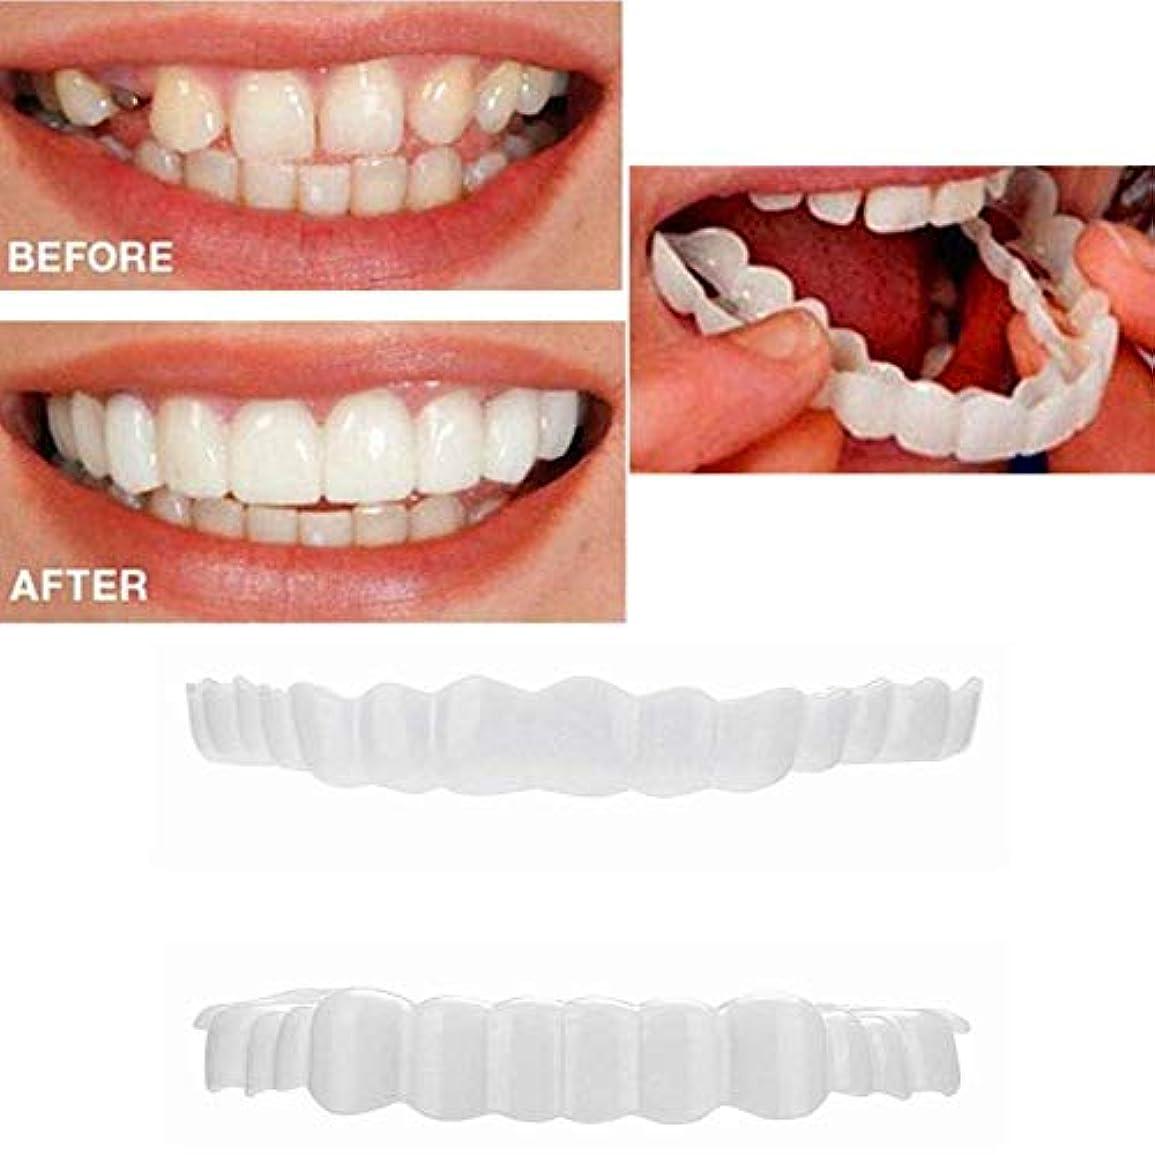 吸収飲食店ジャングル最新の化粧板の歯、化粧品の歯3組 - 一時的な笑顔の快適さフィットフレックス化粧品の歯、ワンサイズ、スーペリアーとローワーコンフォートベニア - (Lower + Upper)